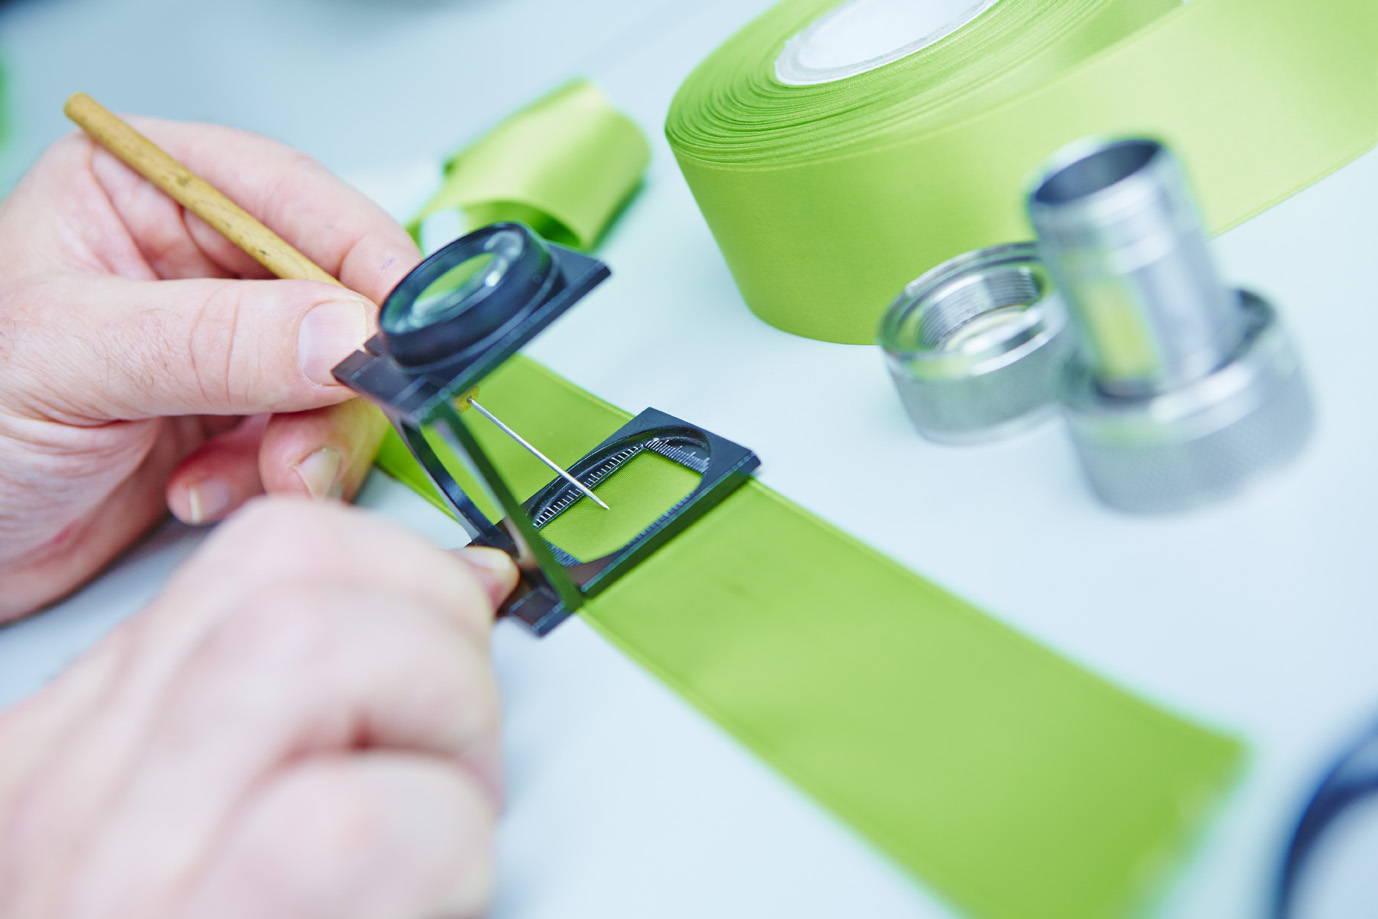 A technician sampling a strip of green fabric.